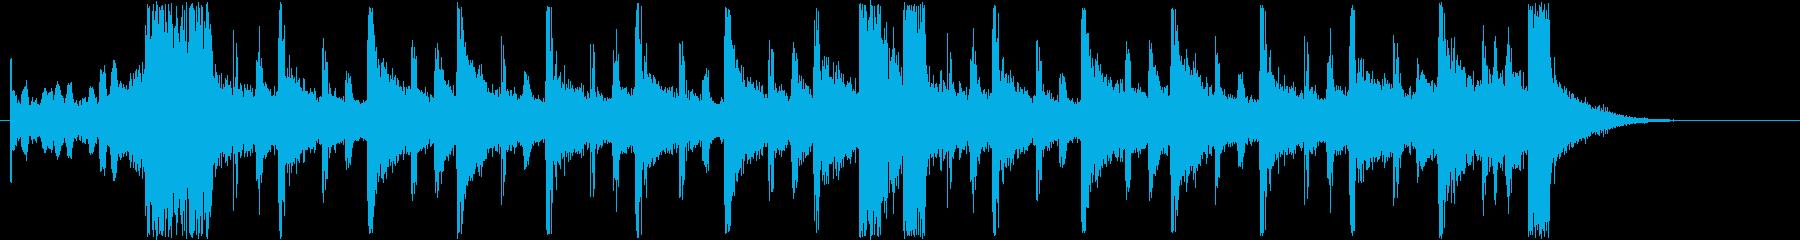 近未来風なシンセサイザーサウンド短めの再生済みの波形